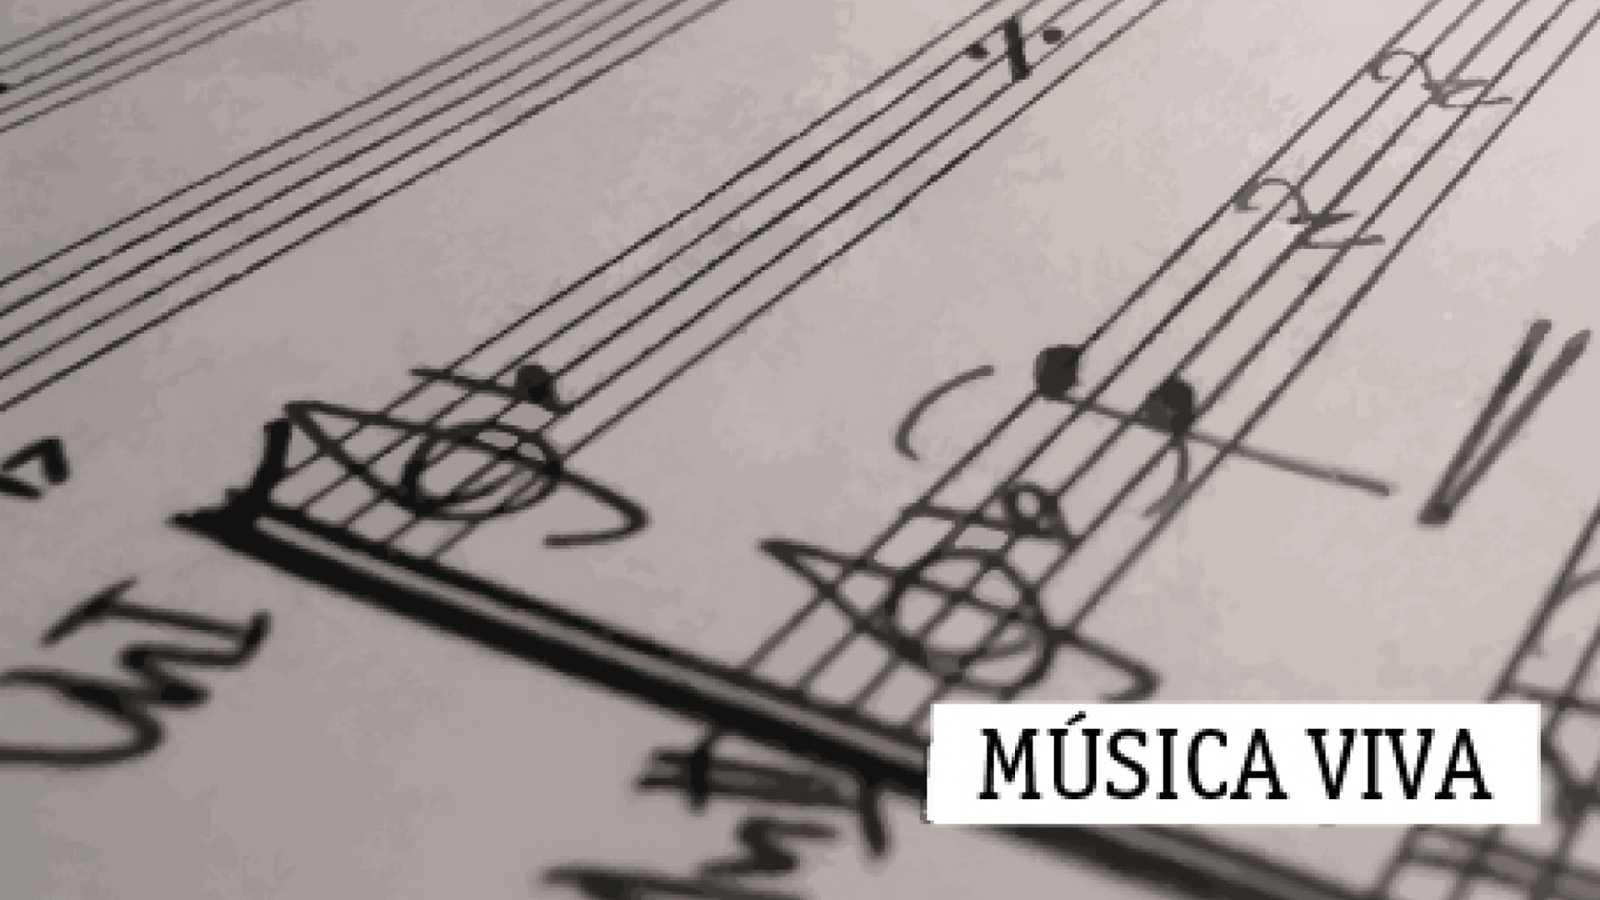 Música viva - Entrevista con Pablo Heras-Casado - 31/05/20 - escuchar ahora